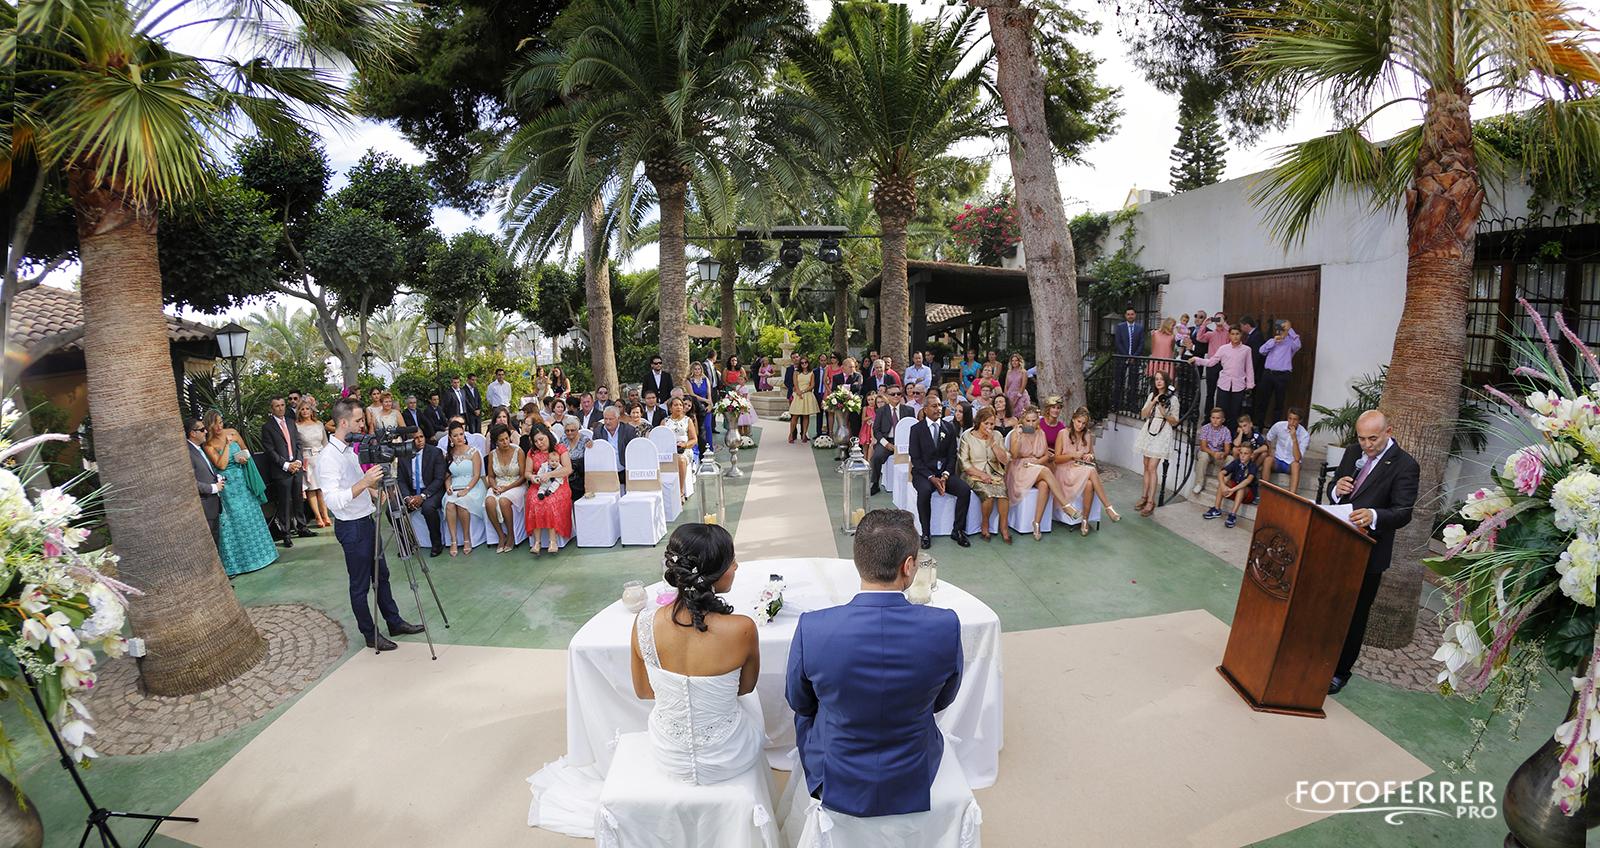 Almeria el blog de foto ferrer - Casa rafael almeria bodas ...